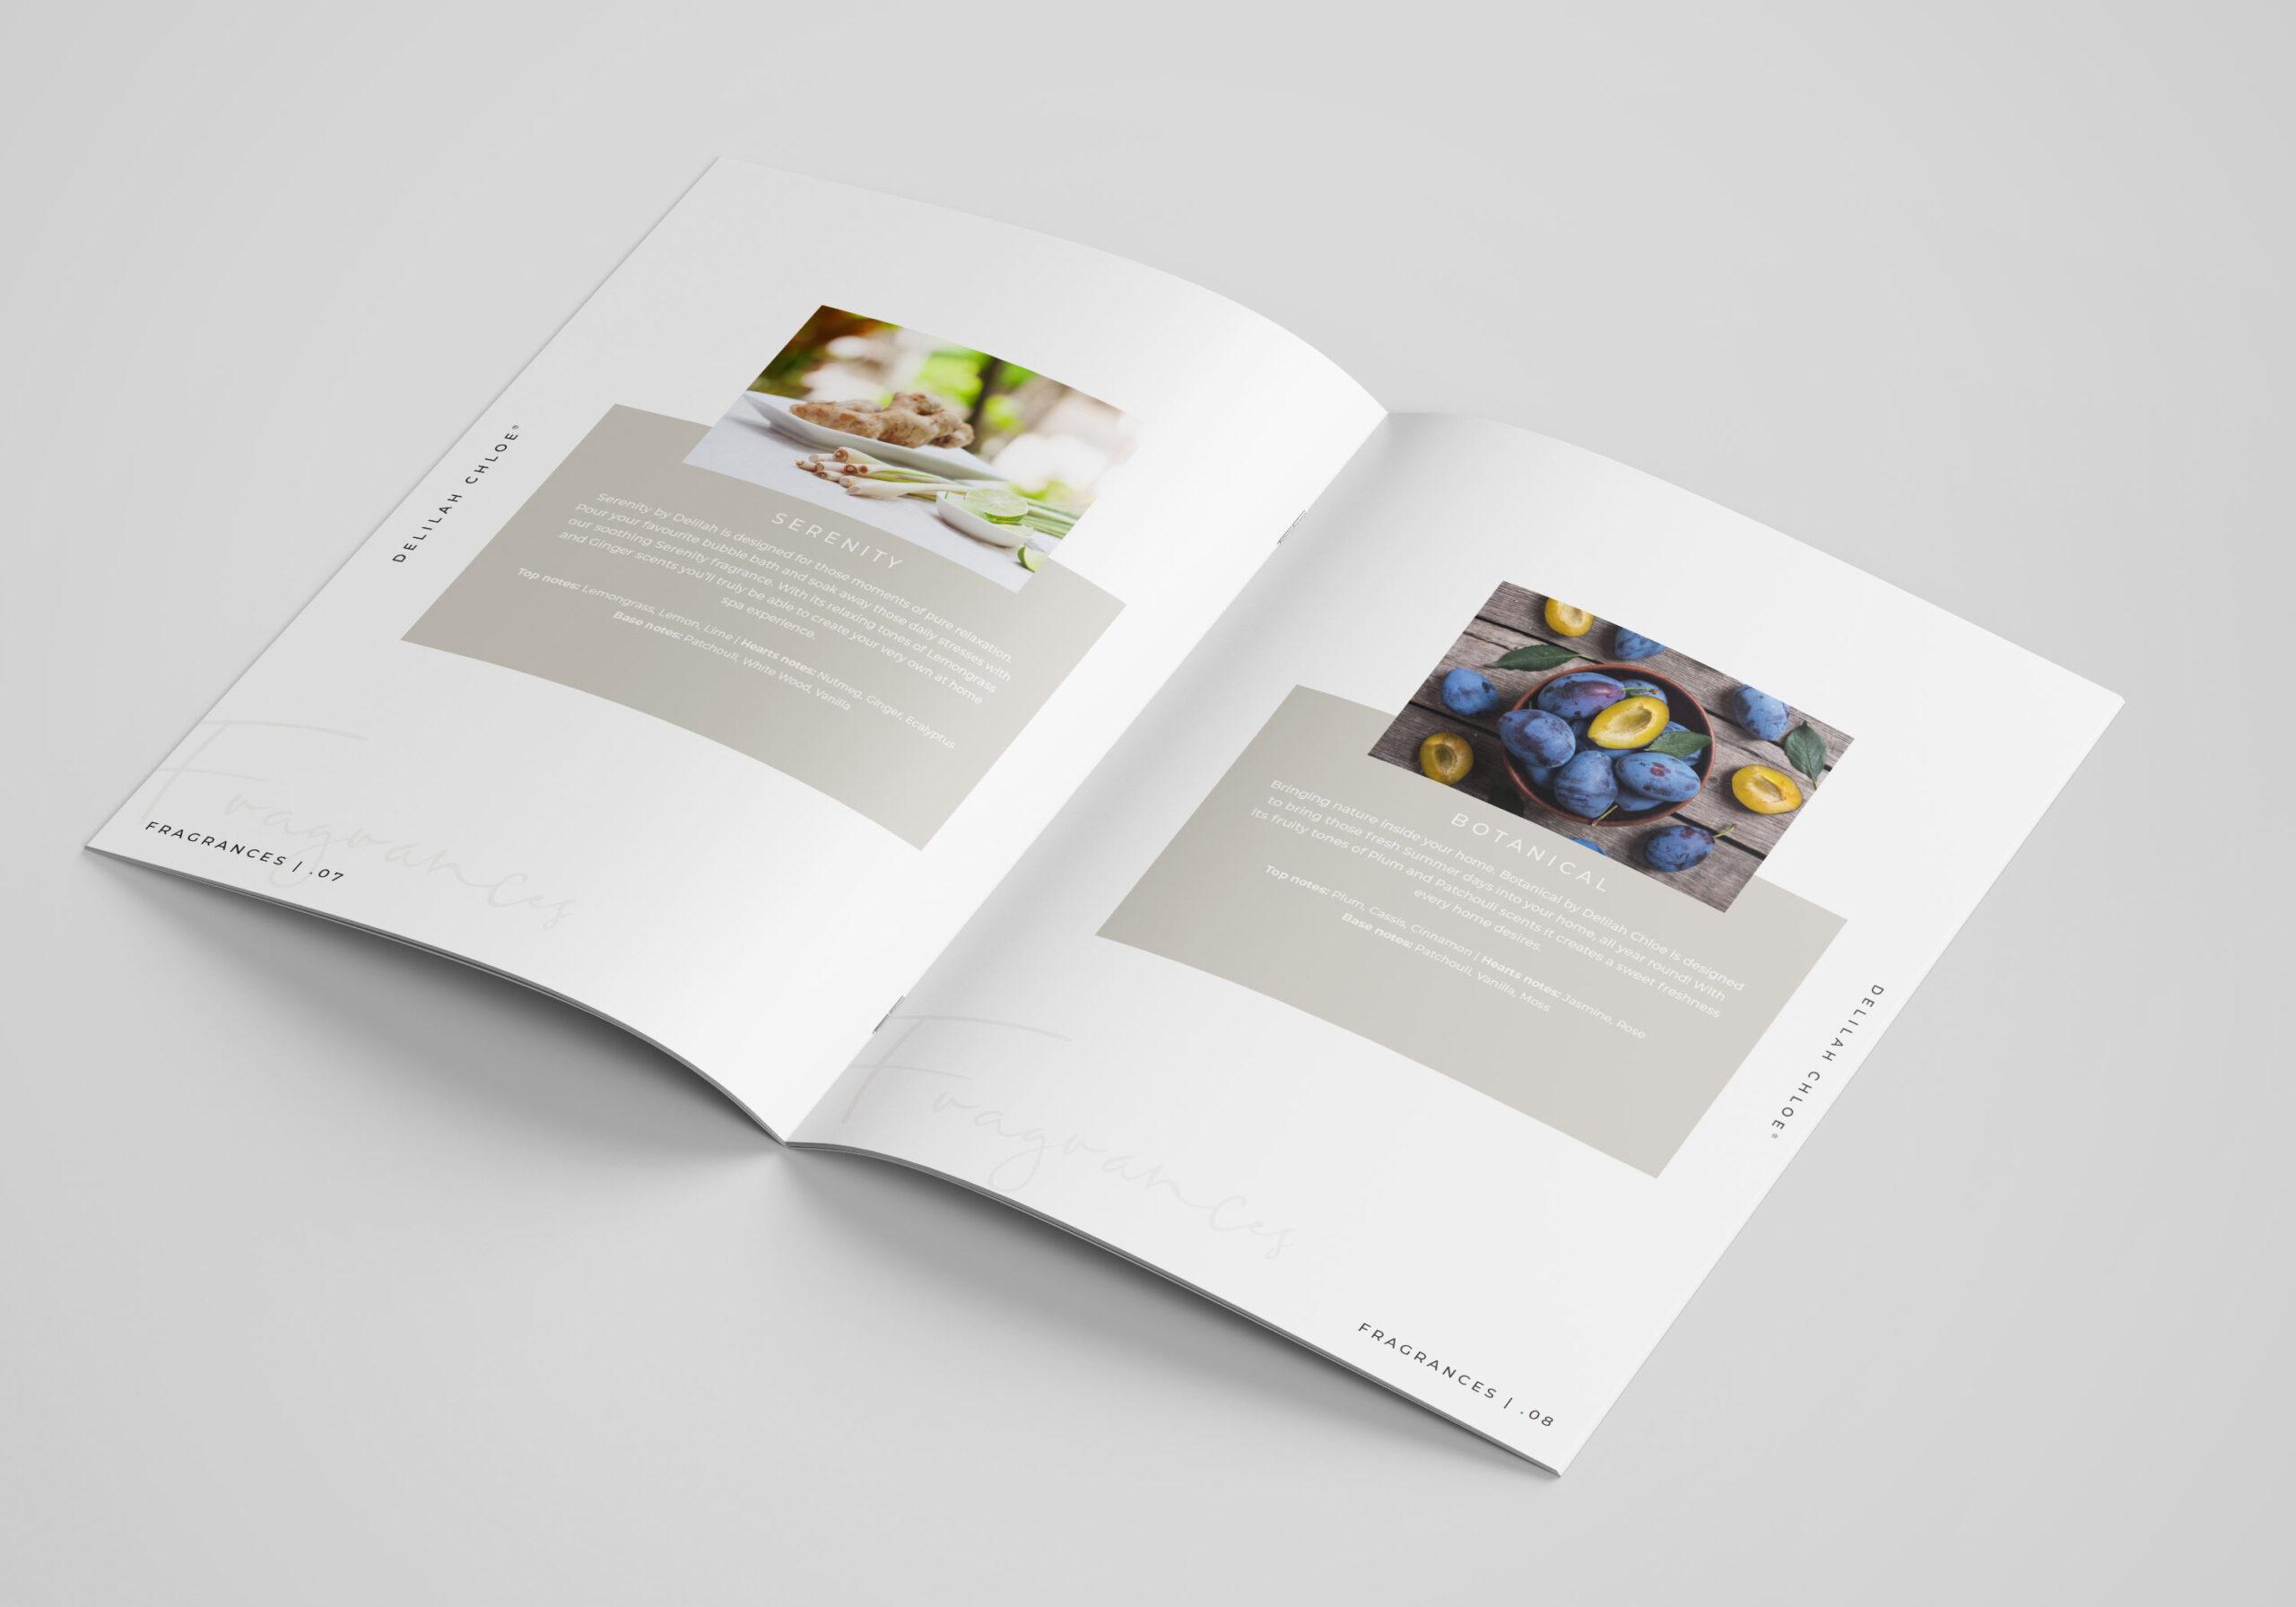 Elegant Brochure Design for Delilah Chloe Home Fragrance. Graphic Design Services Blackburn